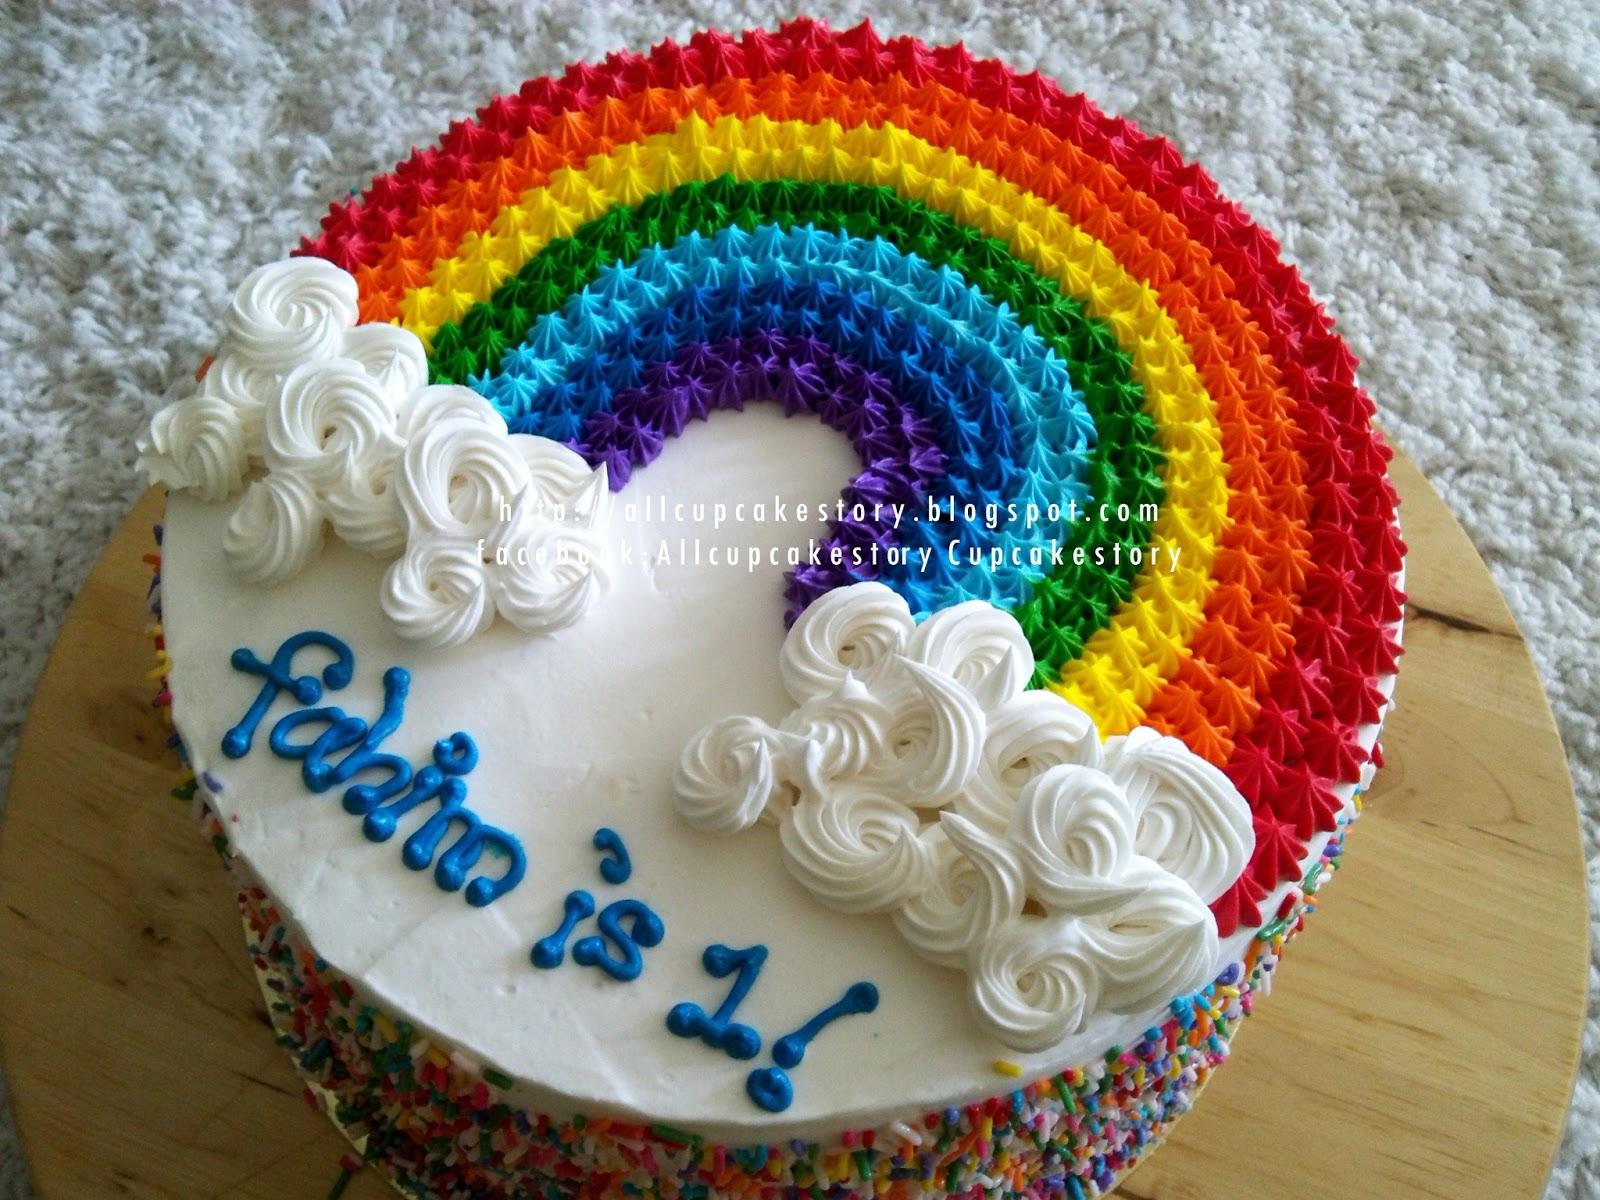 allcupcakestory: Rainbow Theme Cake